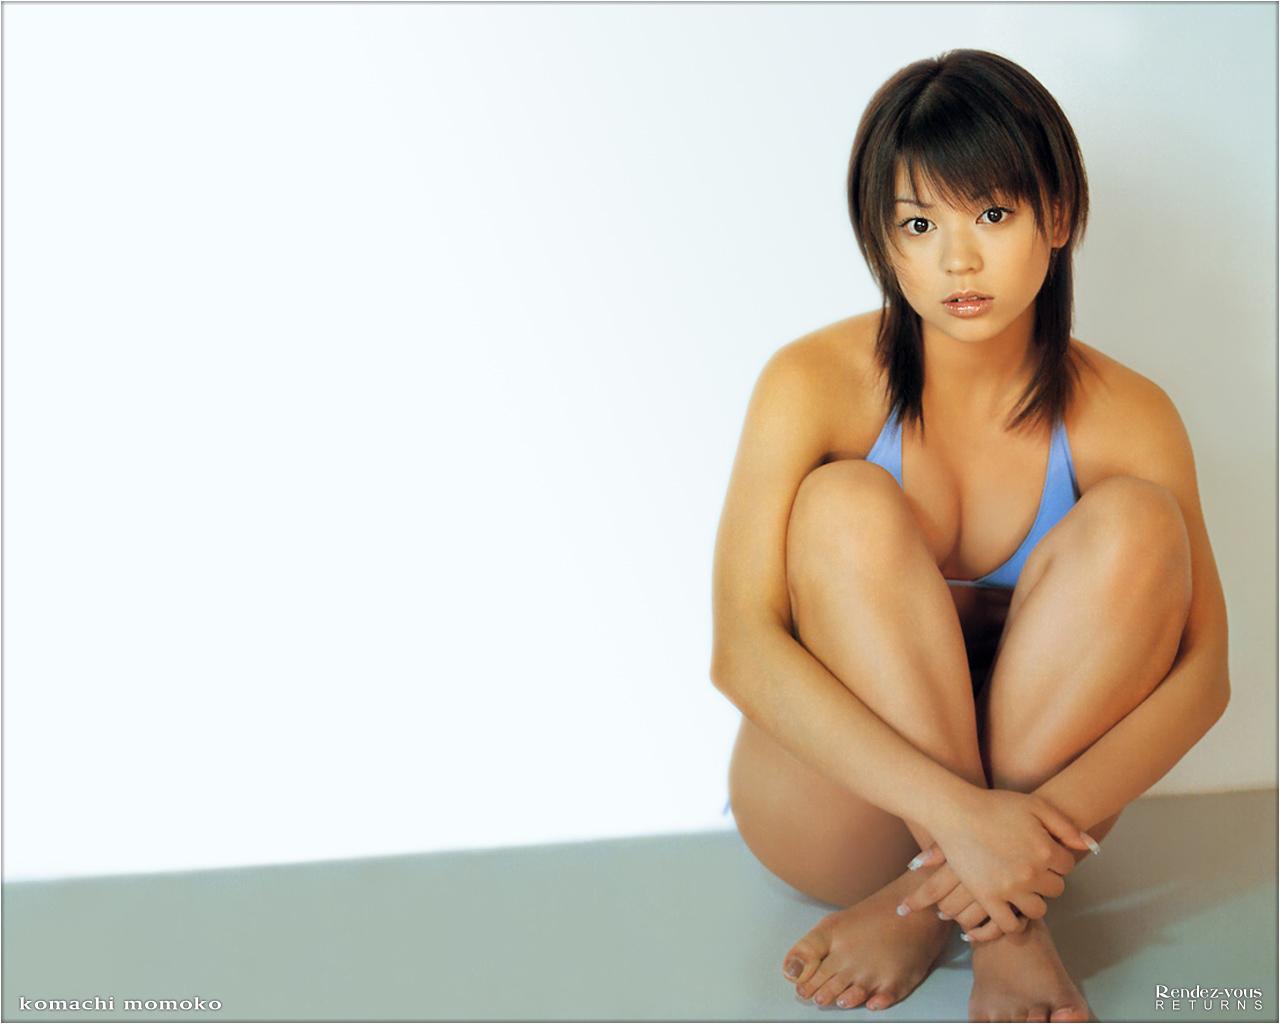 小町桃子さんの水着